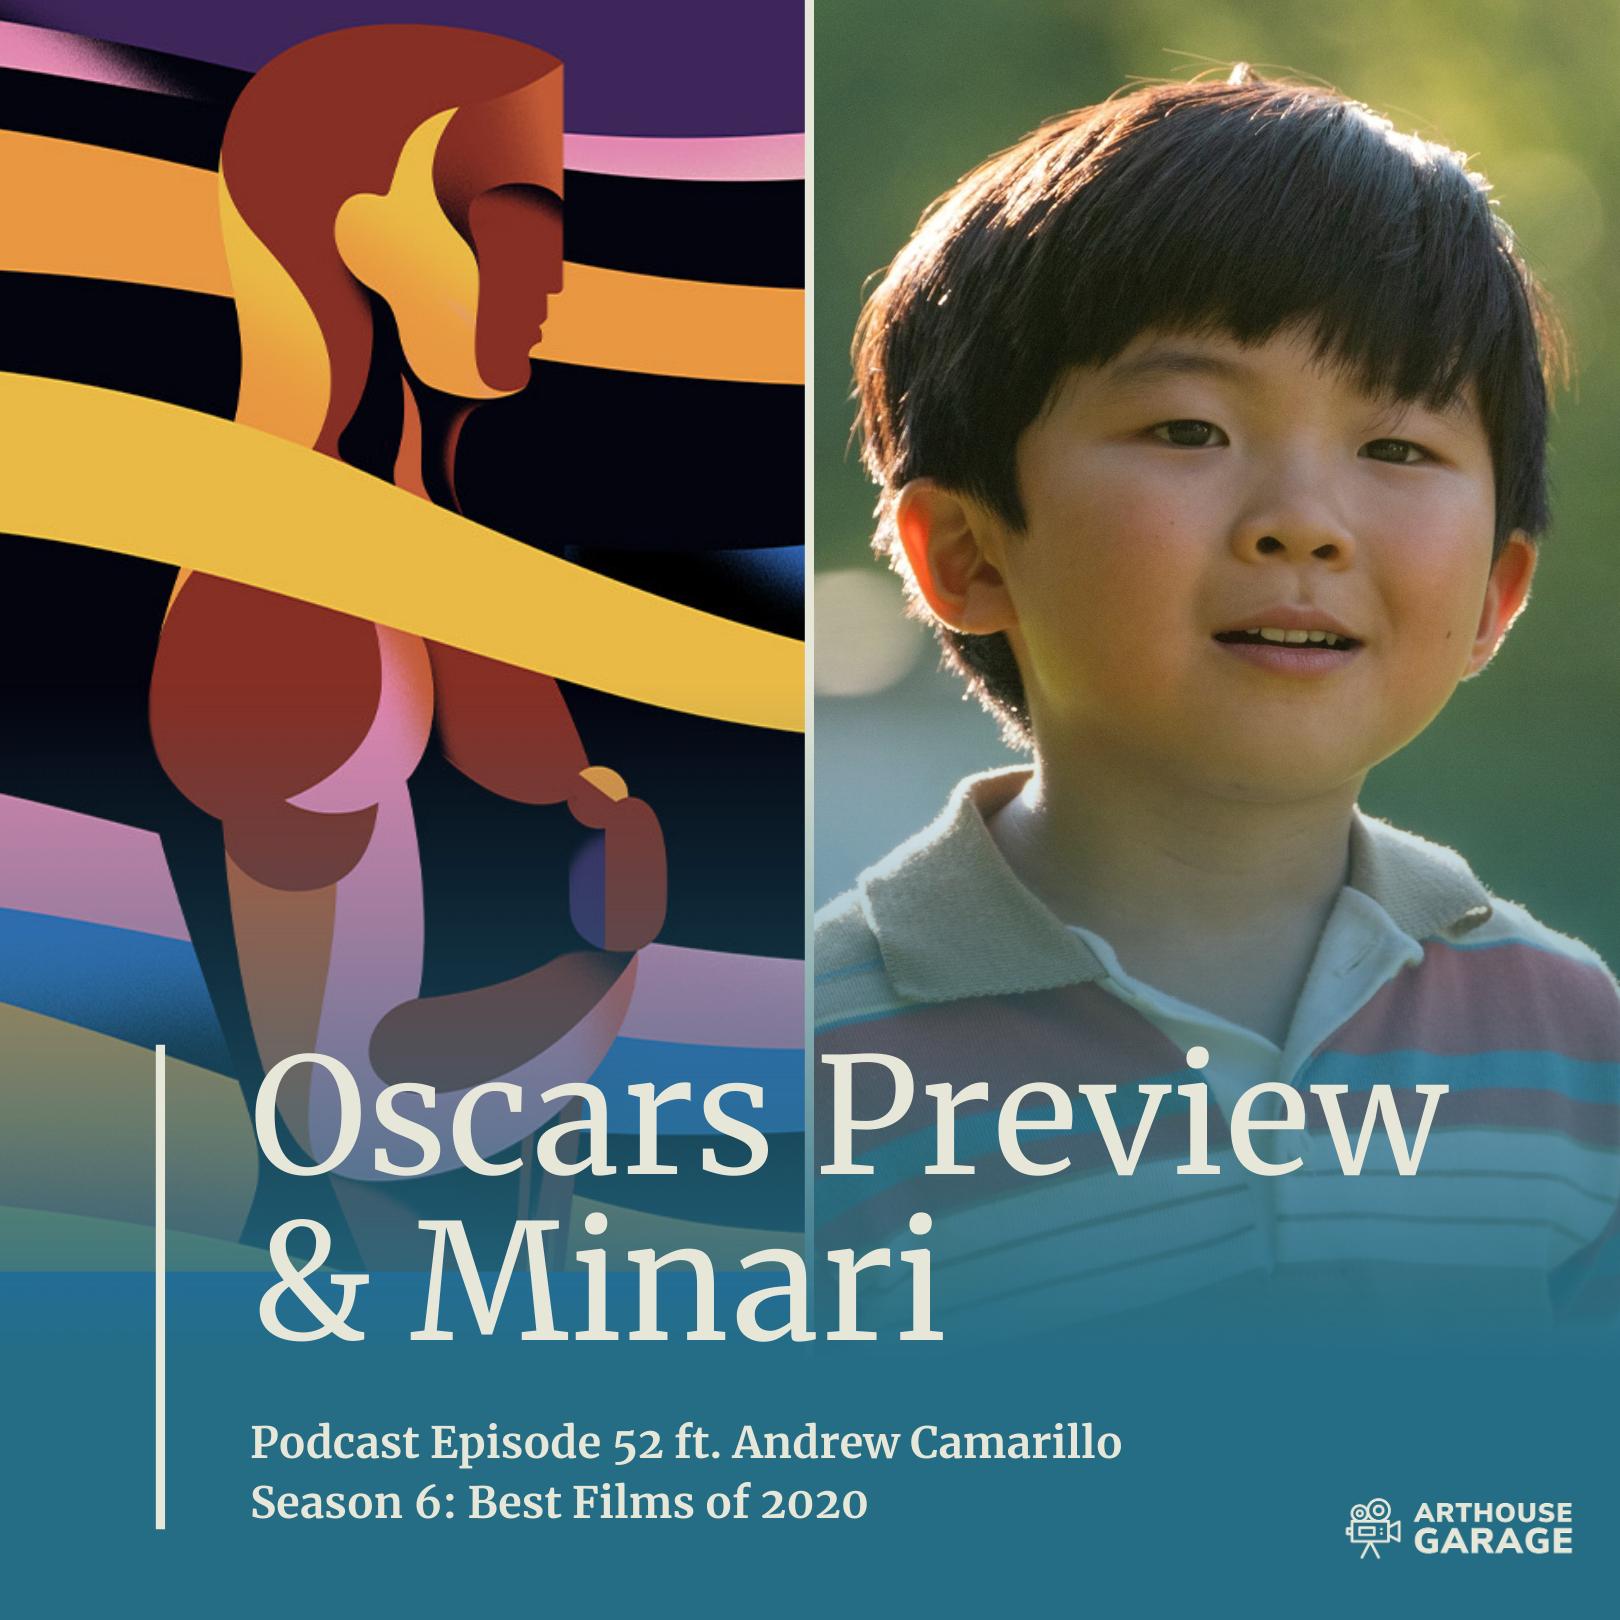 052: Oscars Preview & Minari Discussion